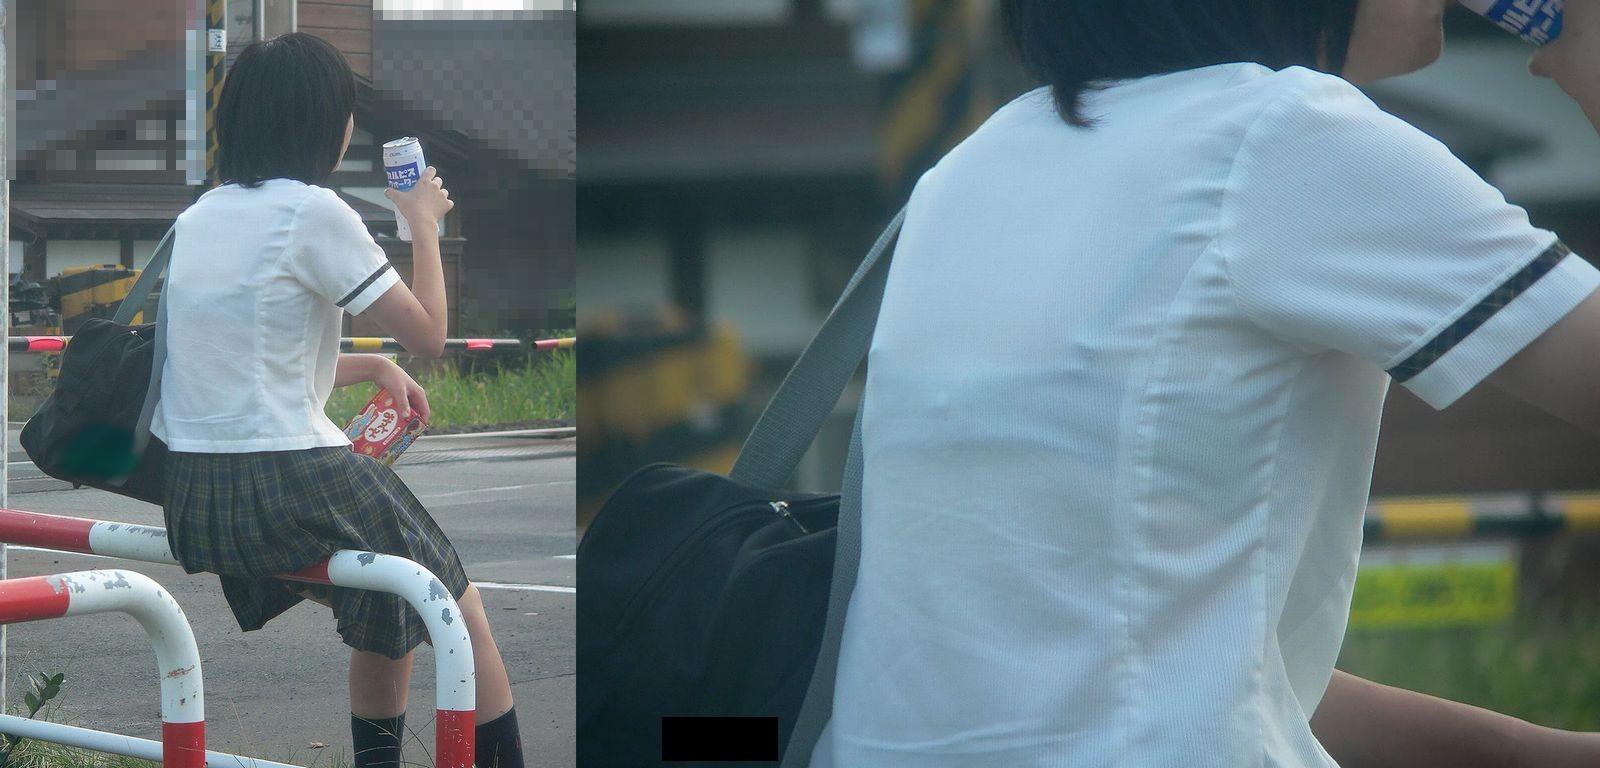 【JK隠し撮り画像】夏服越しにうっすら見える透けブラで萌える画像 18